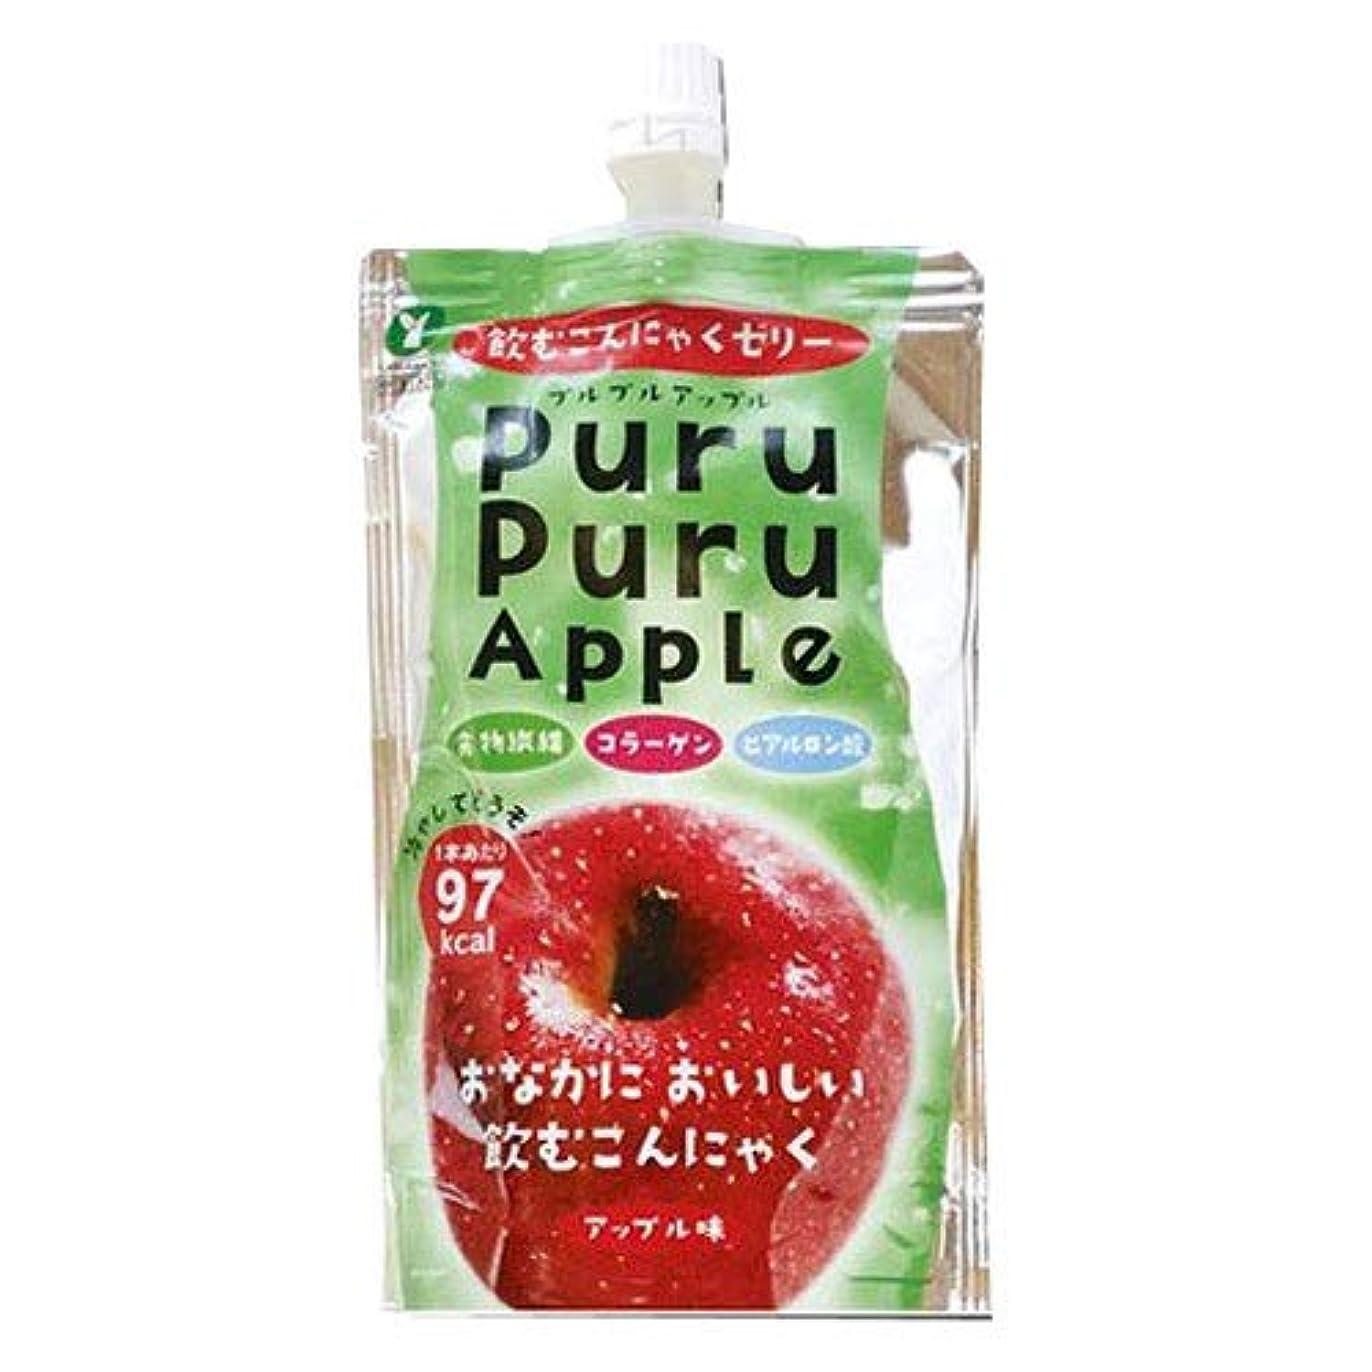 太平洋諸島貯水池消化器山吉青果食品 飲むこんにゃくゼリー アップル 【72個組】